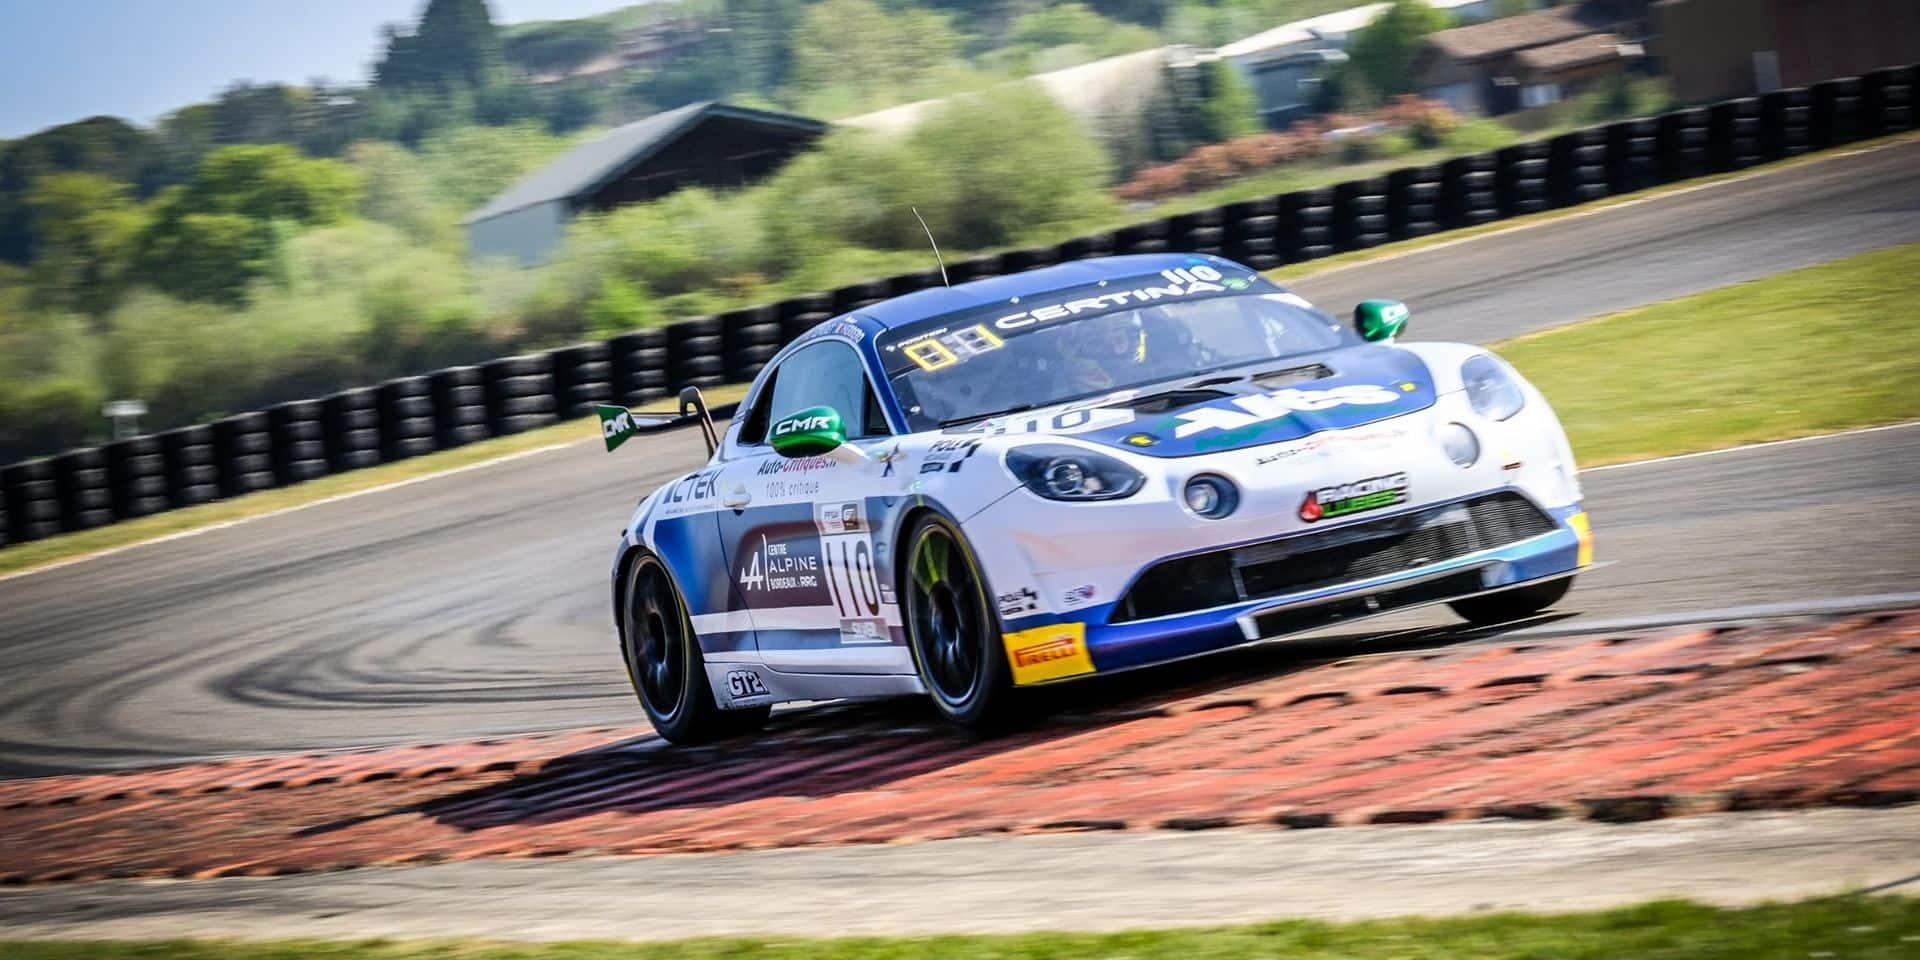 FFSA GT Nogaro: Troisième place absolue et médaille d'argent en Silver pour Stéphane Lémeret en course 2